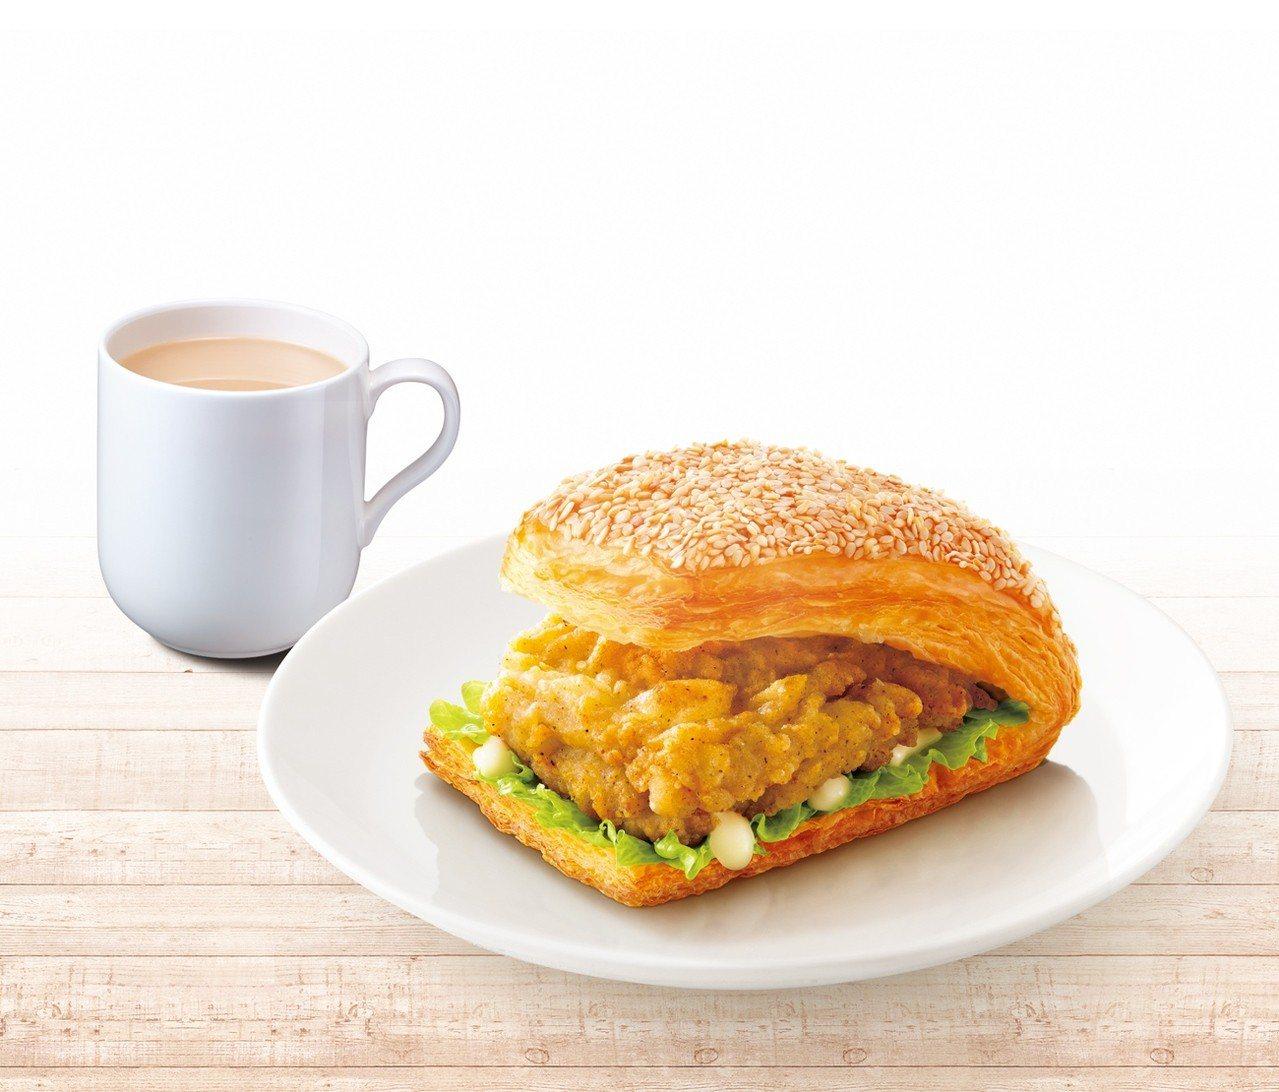 「吮指嫩雞燒餅套餐」自9月18日至9月24日、10月9日至10月15日,優惠售價...